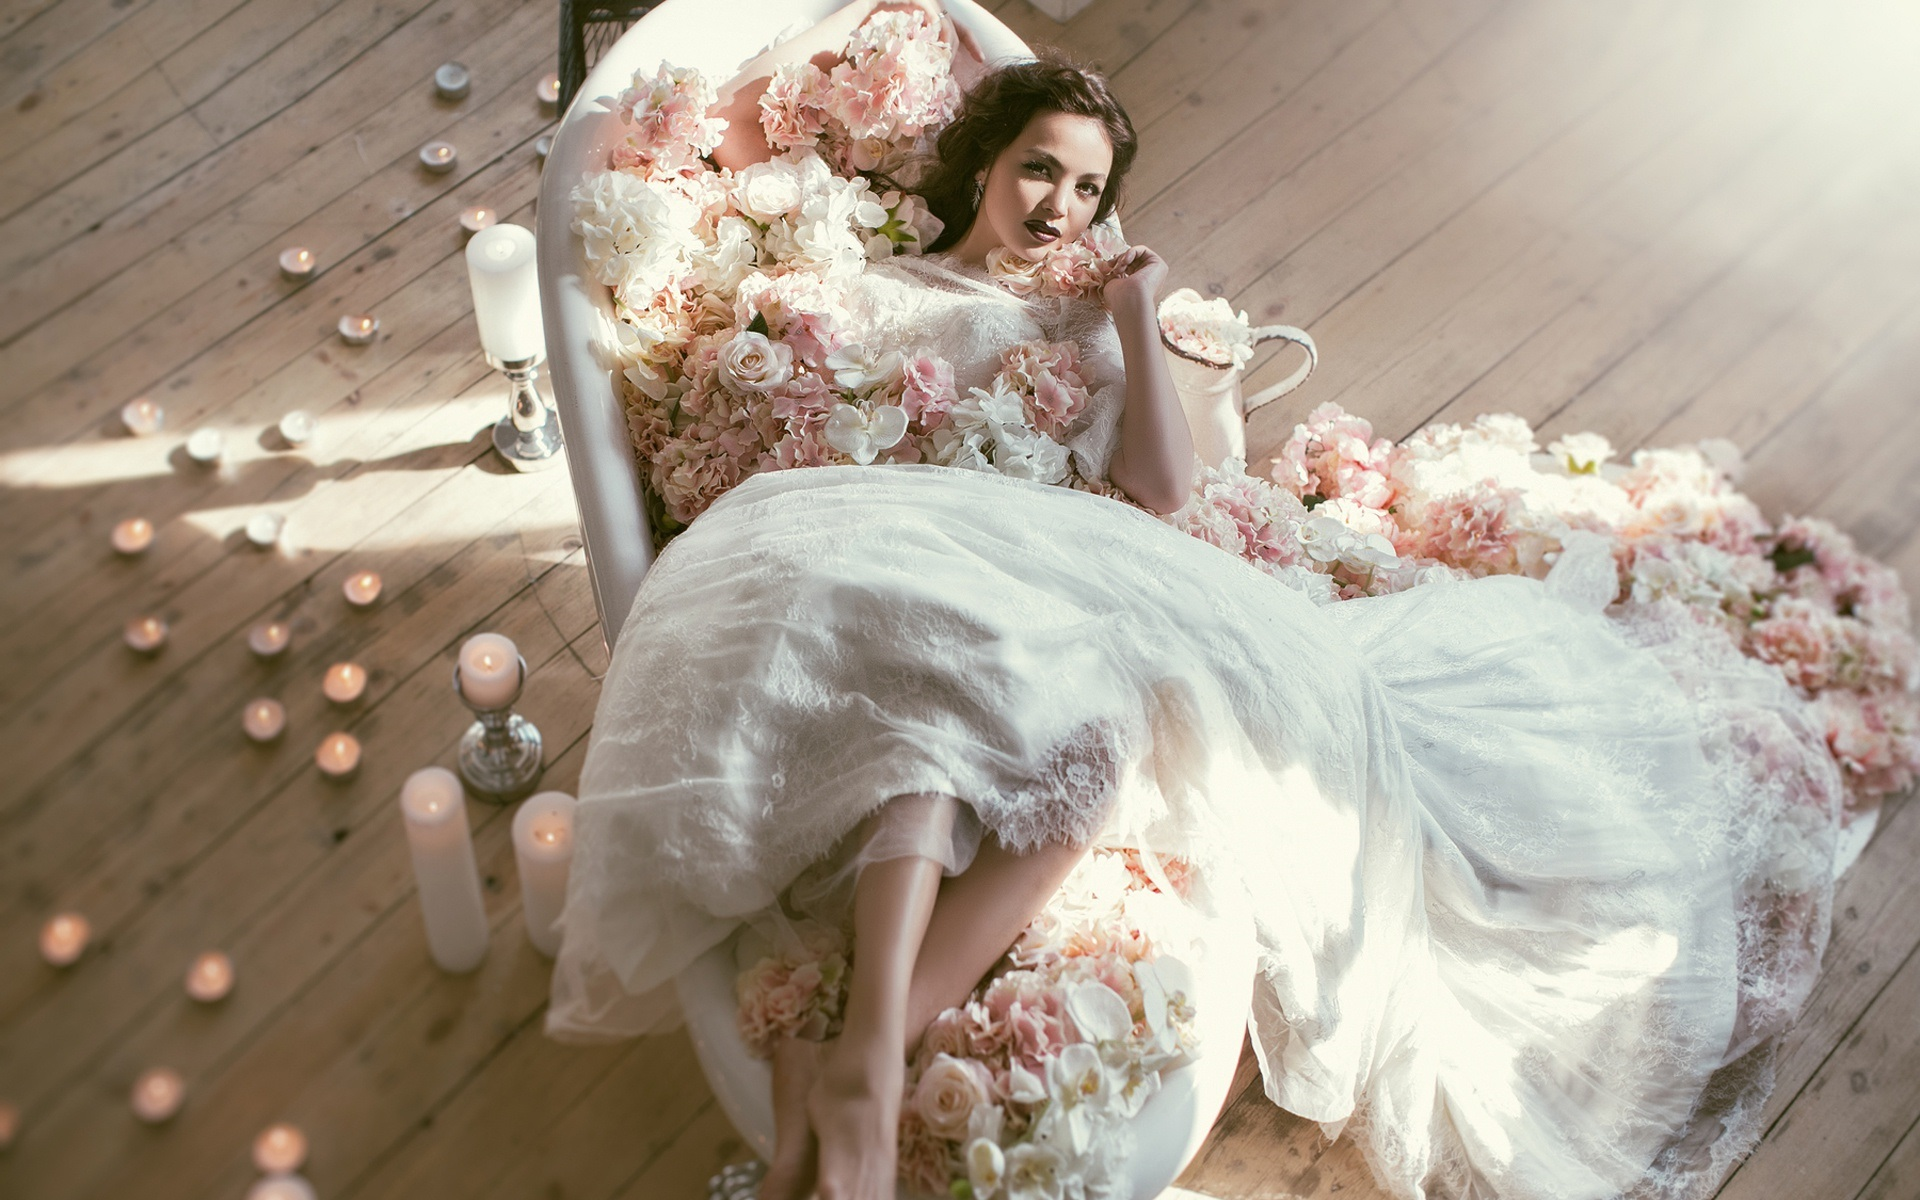 壁紙 ウェディングドレス 花嫁 花 ろうそく 1920x1200 Hd 無料の